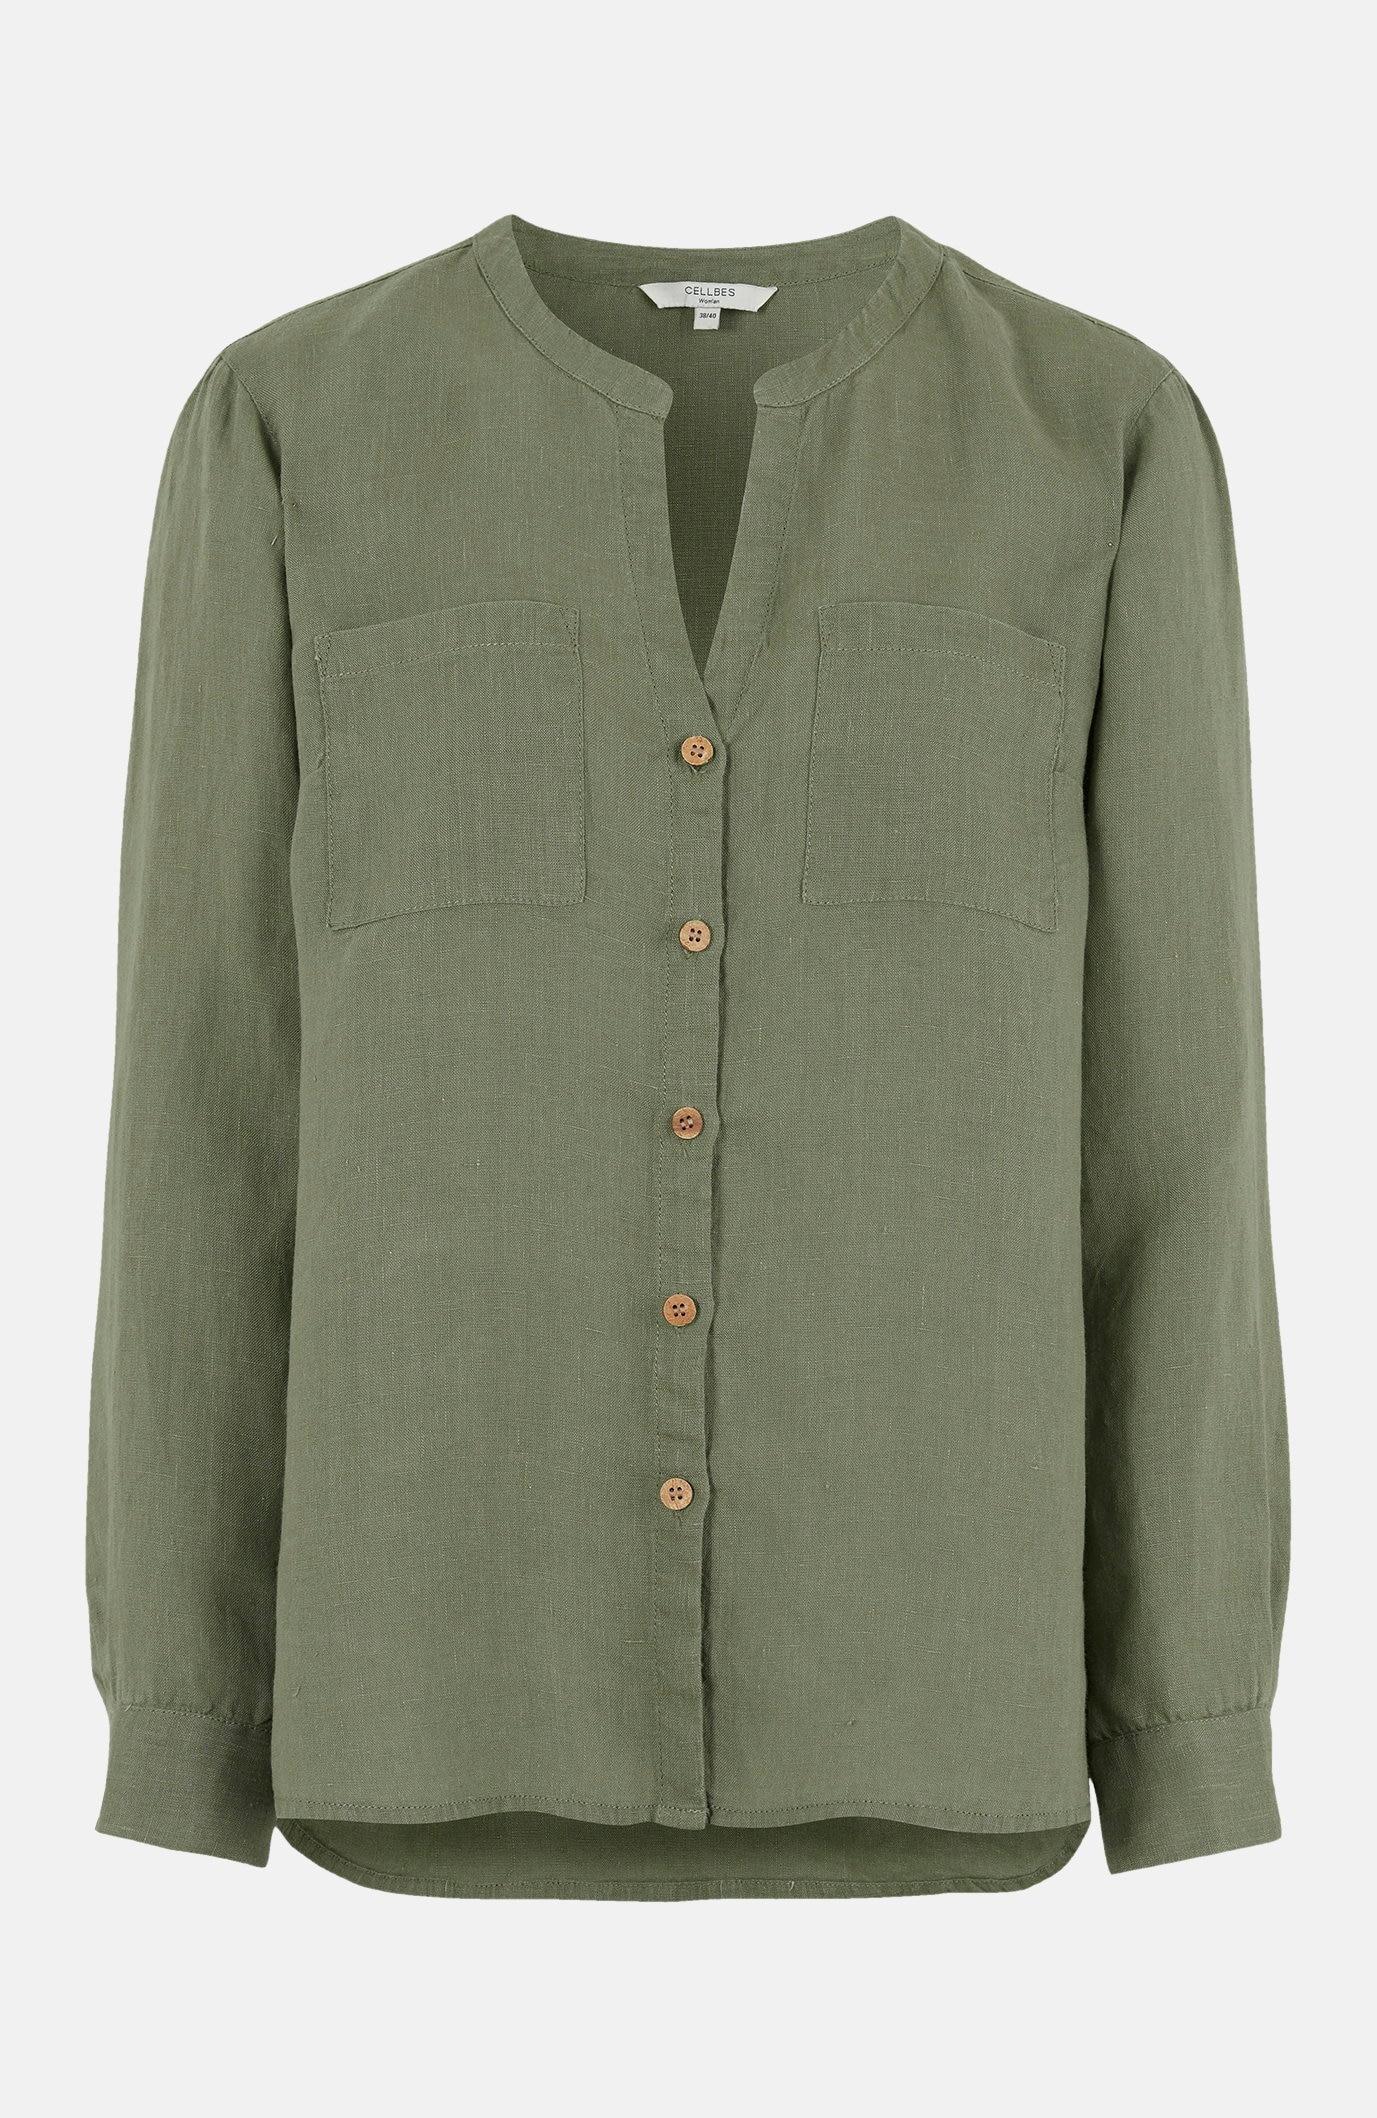 Linneskjorta med träknappar